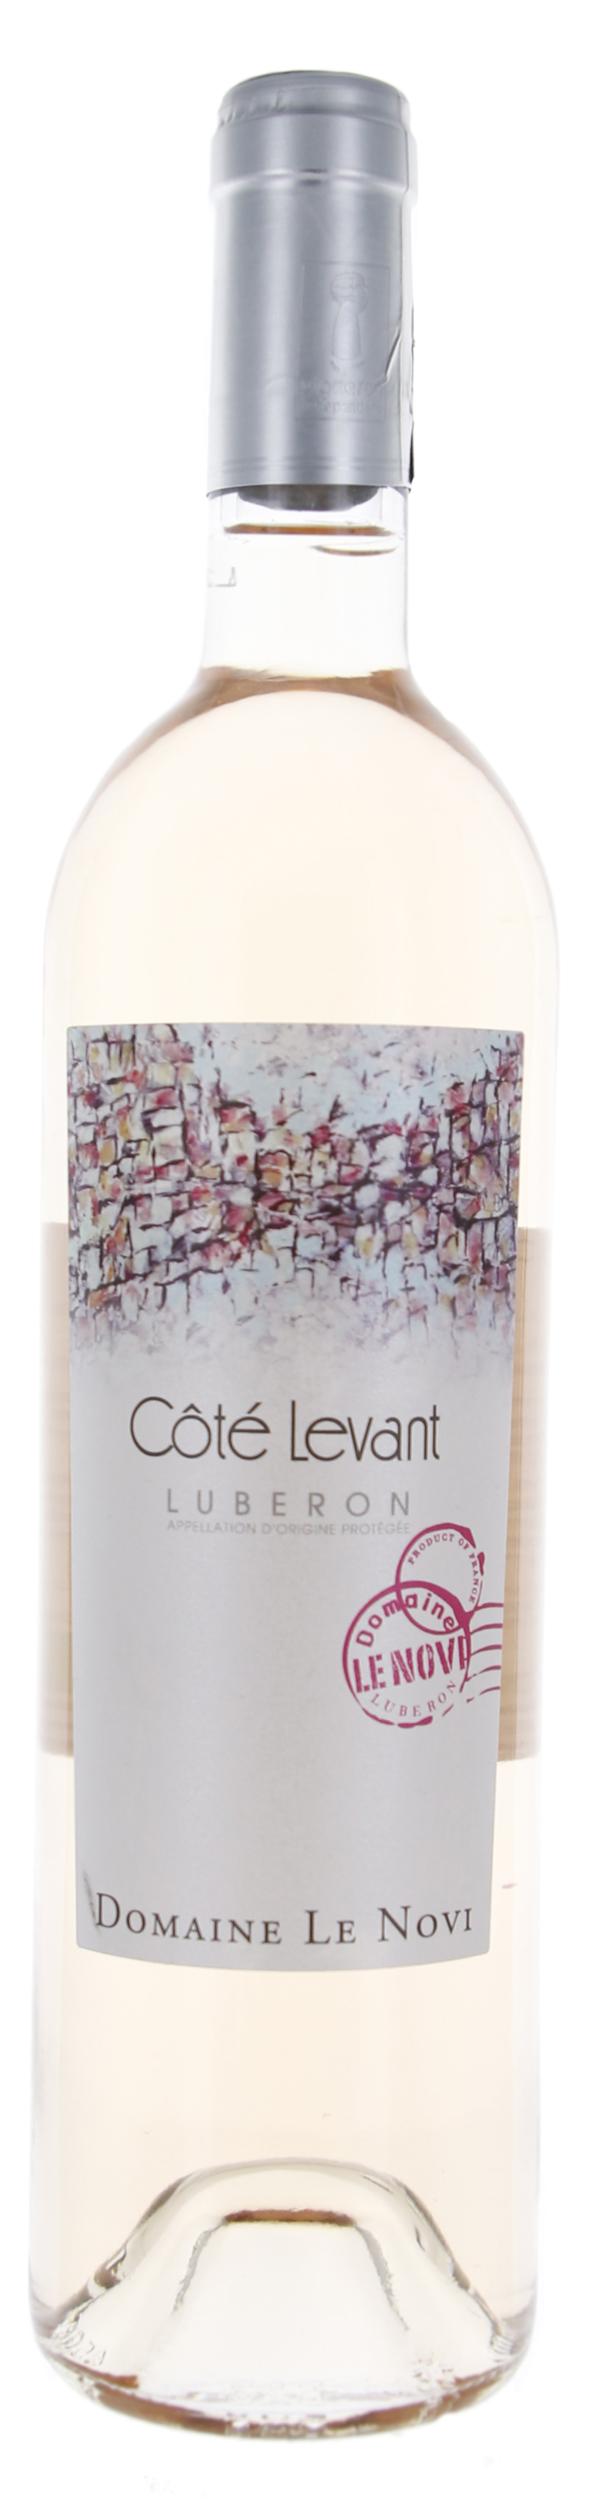 Luberon - Côté Levant - Rosé - Domaine Le Novi - 2019 - BIO